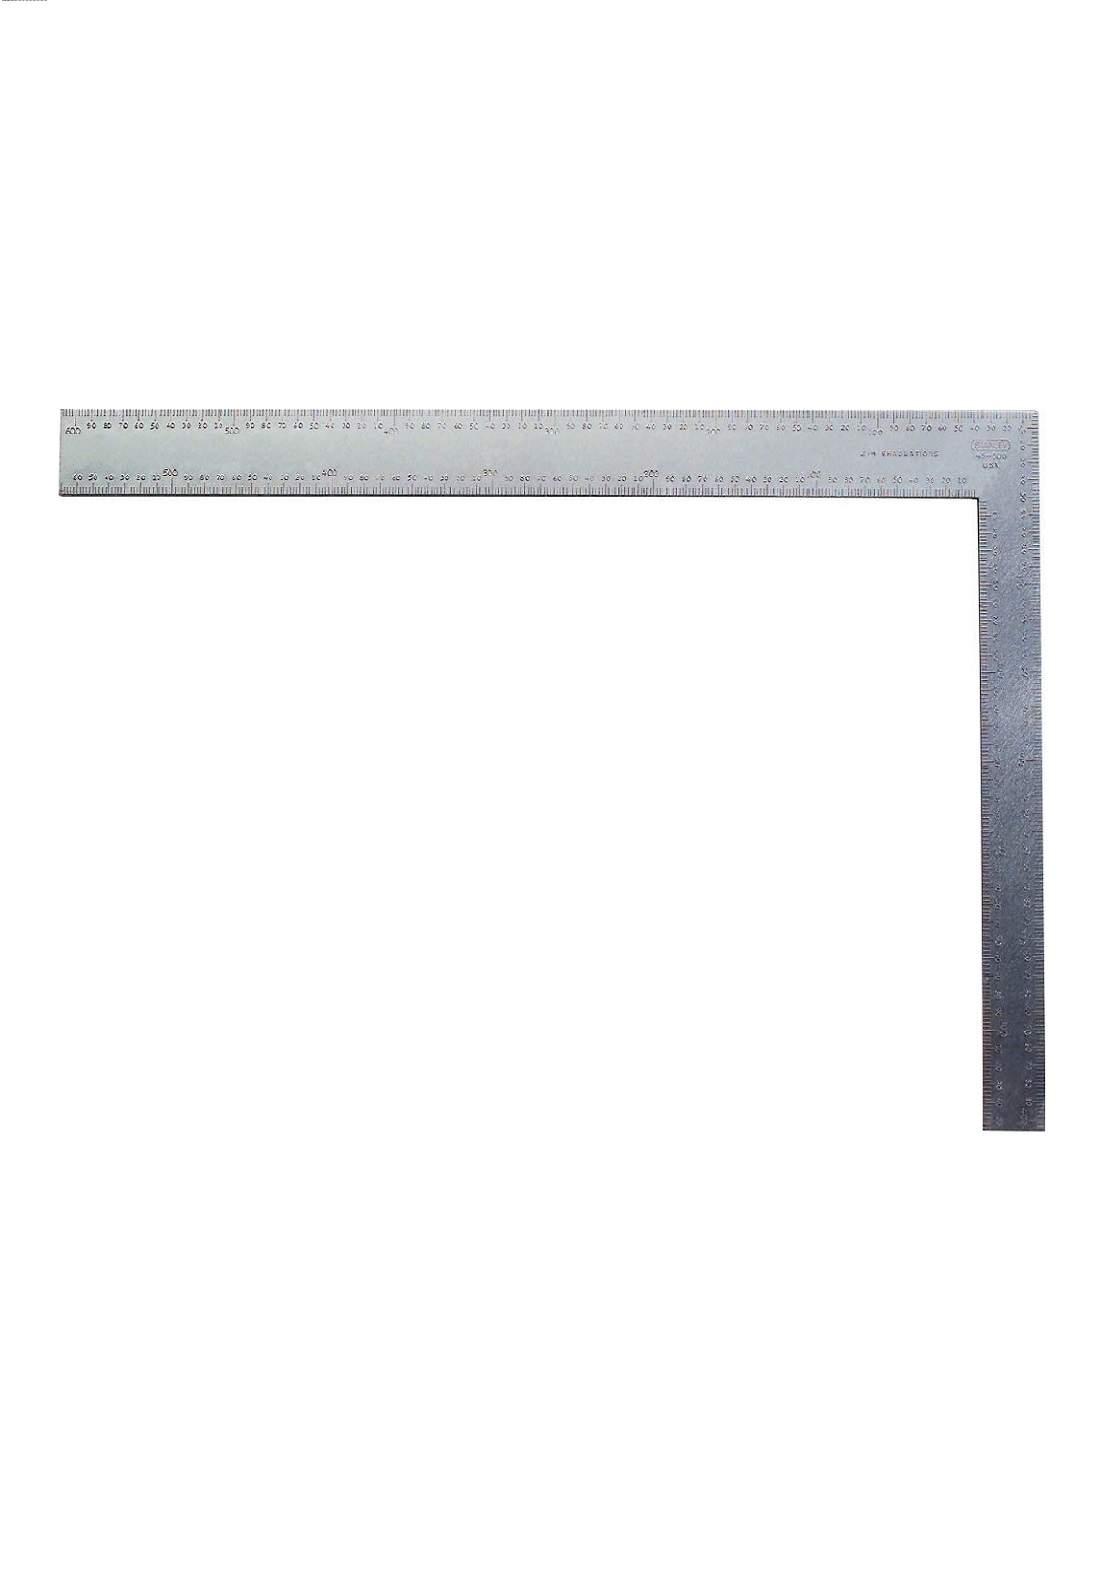 Stanley  45-600 Steel Square Aluminum Handle 12 Inch  كونية